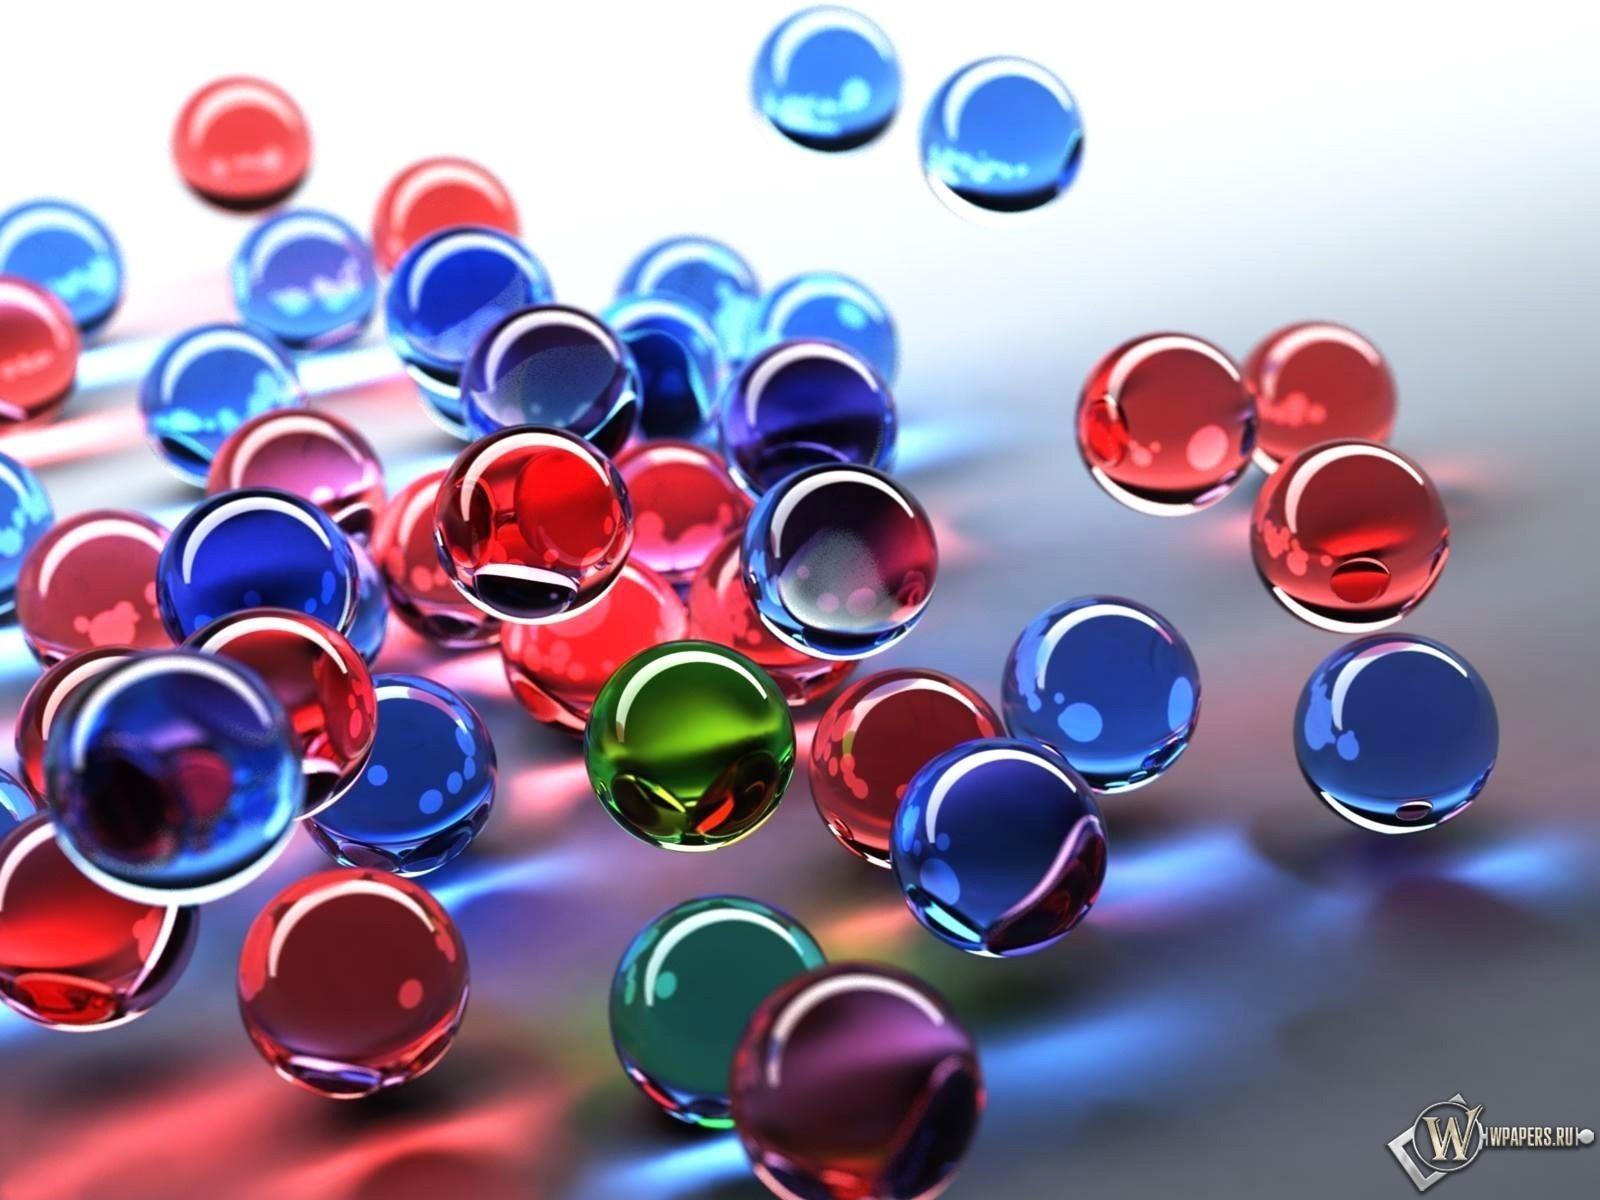 Цветные шарики 1600x1200